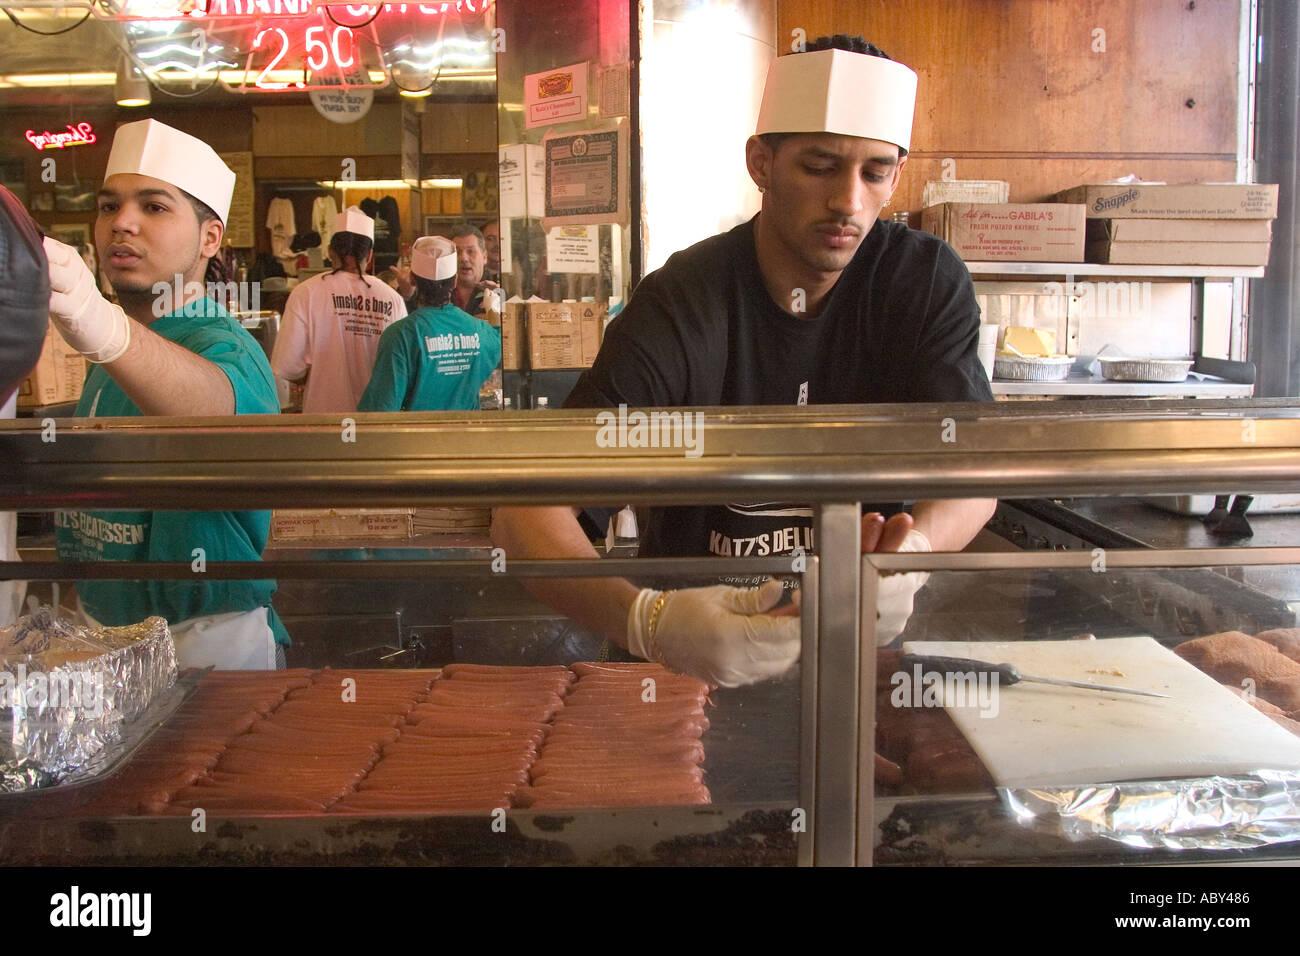 Jewish Food Lower East Side